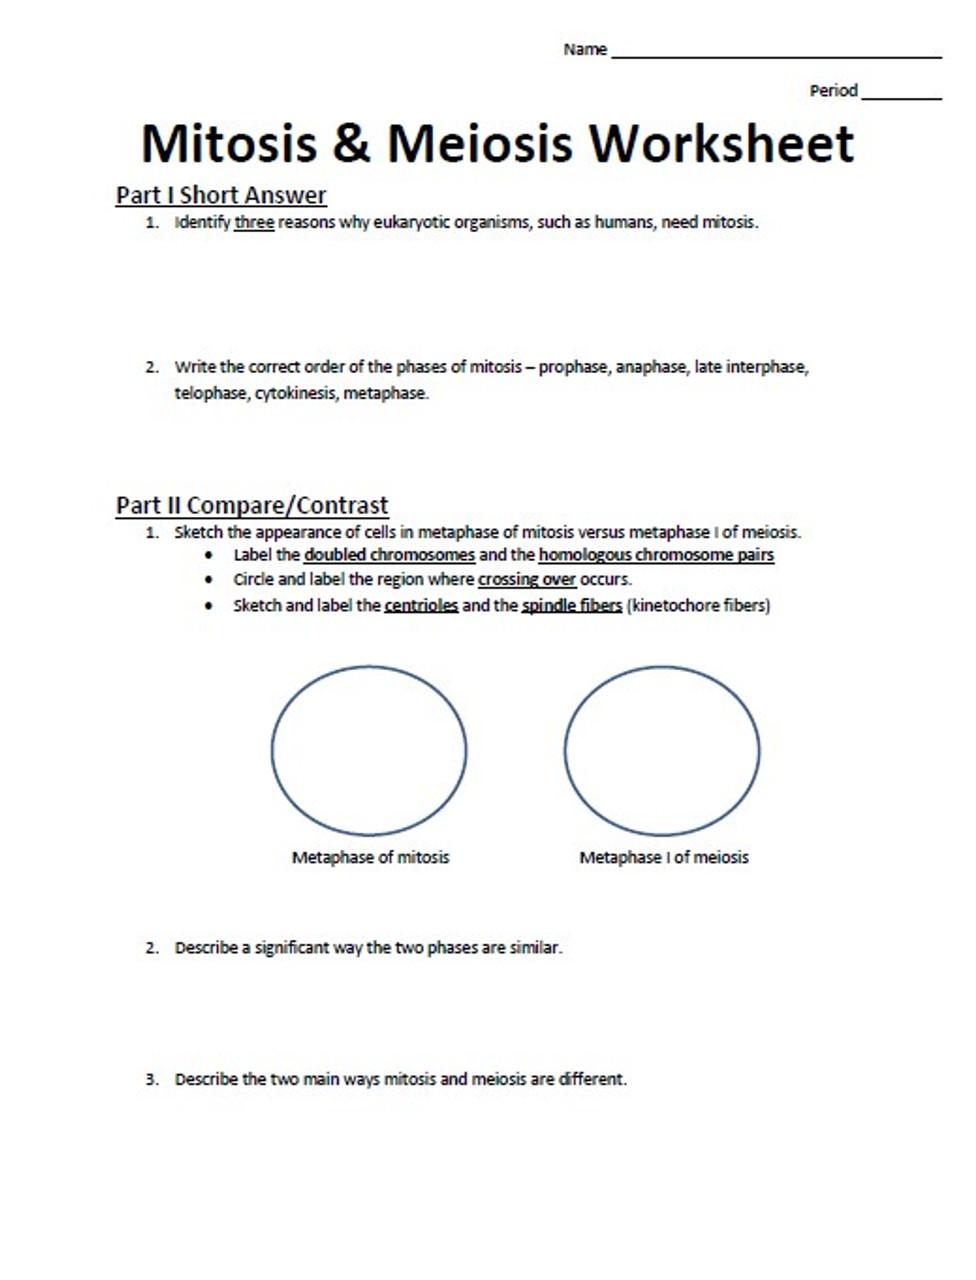 Mitosis & Meiosis Worksheet